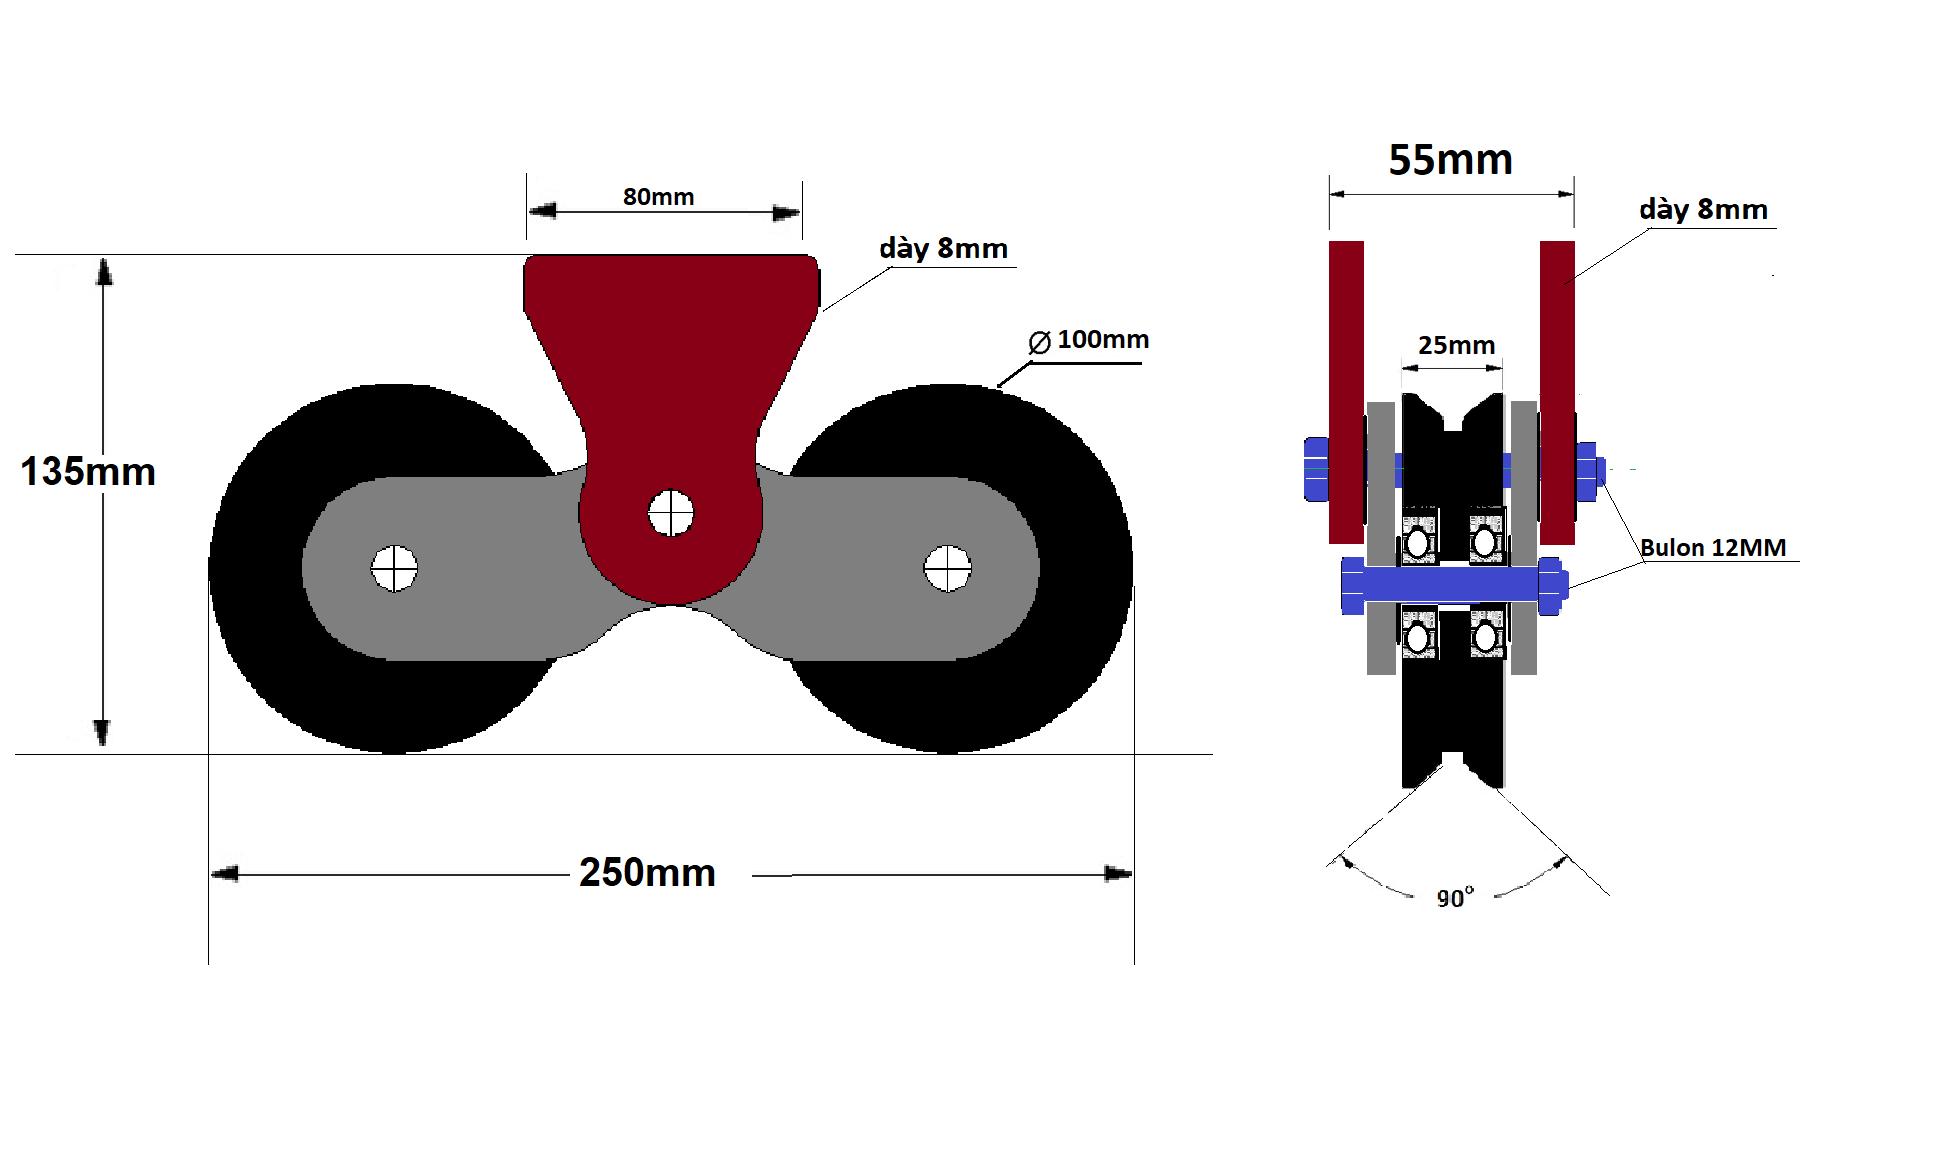 bánh xe đôi cửa cổng lùa Ray V 100mm - có pát hàn